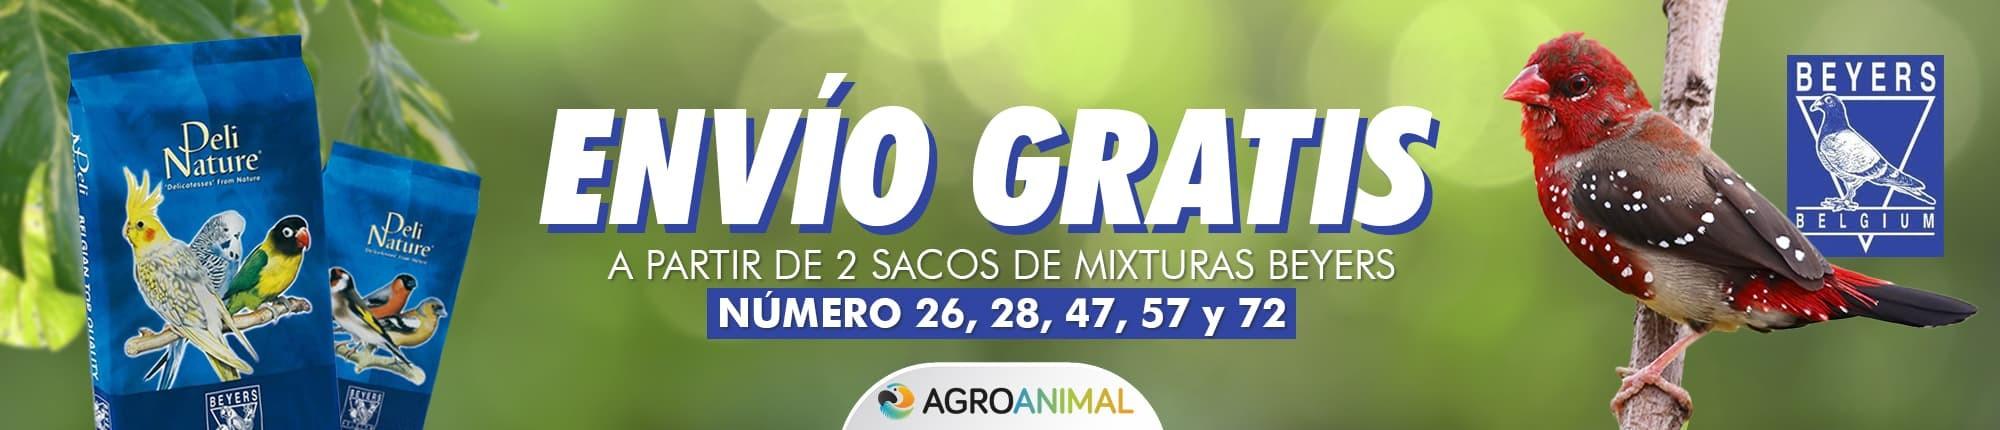 Envío gratis semillas y mixturas Beyers